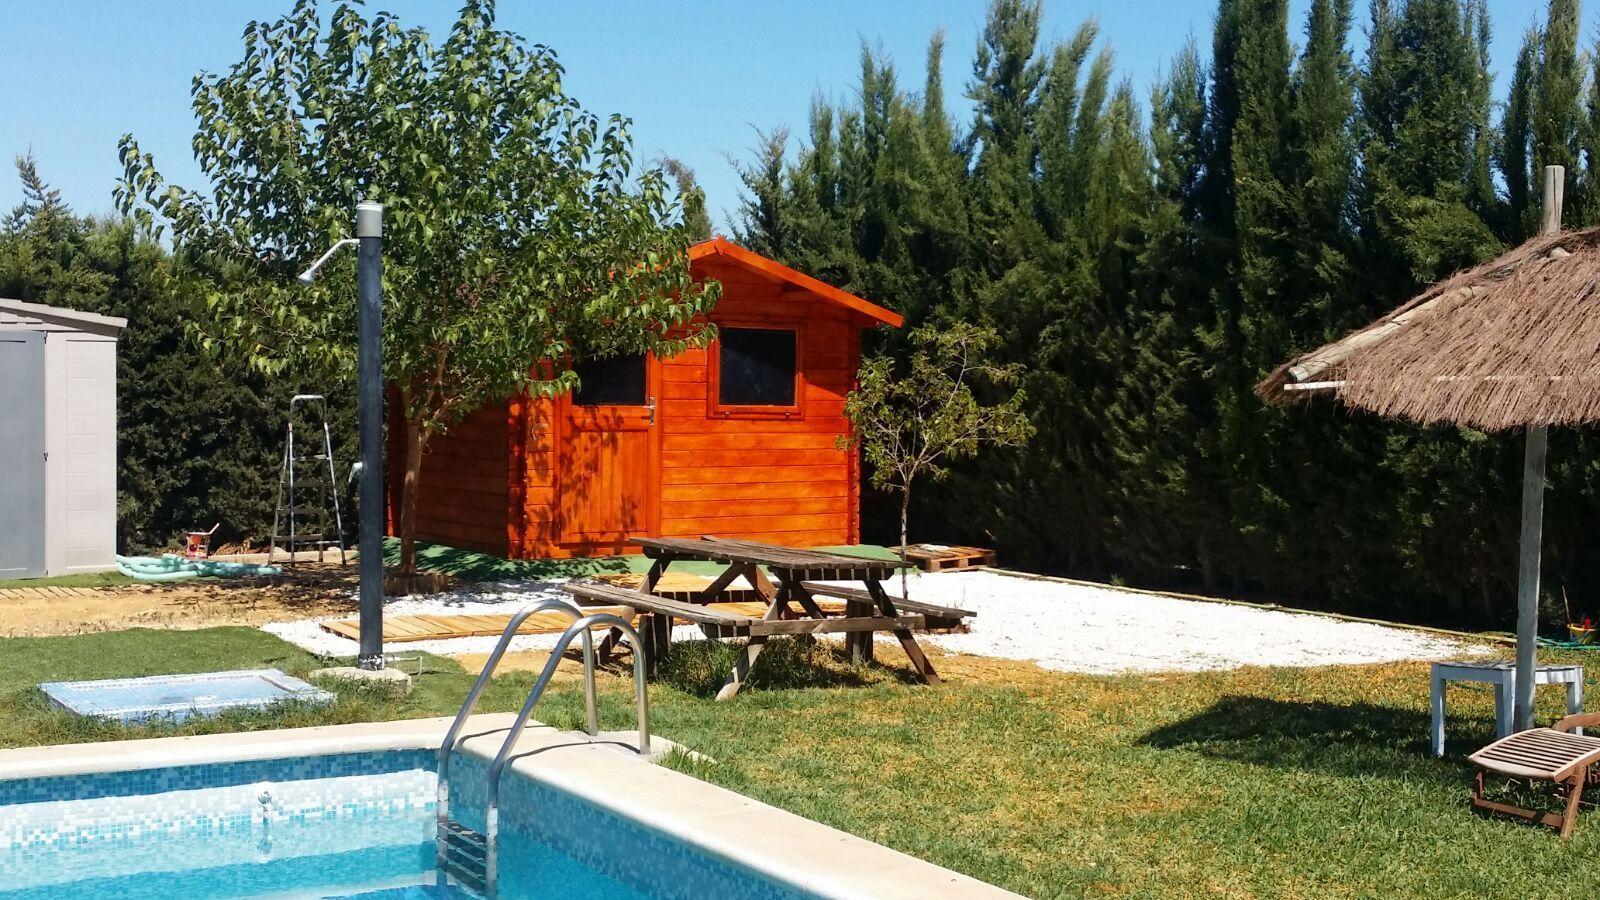 Opiniones clientes hobycasa caseta de madera dalia - Opiniones casas de madera ...